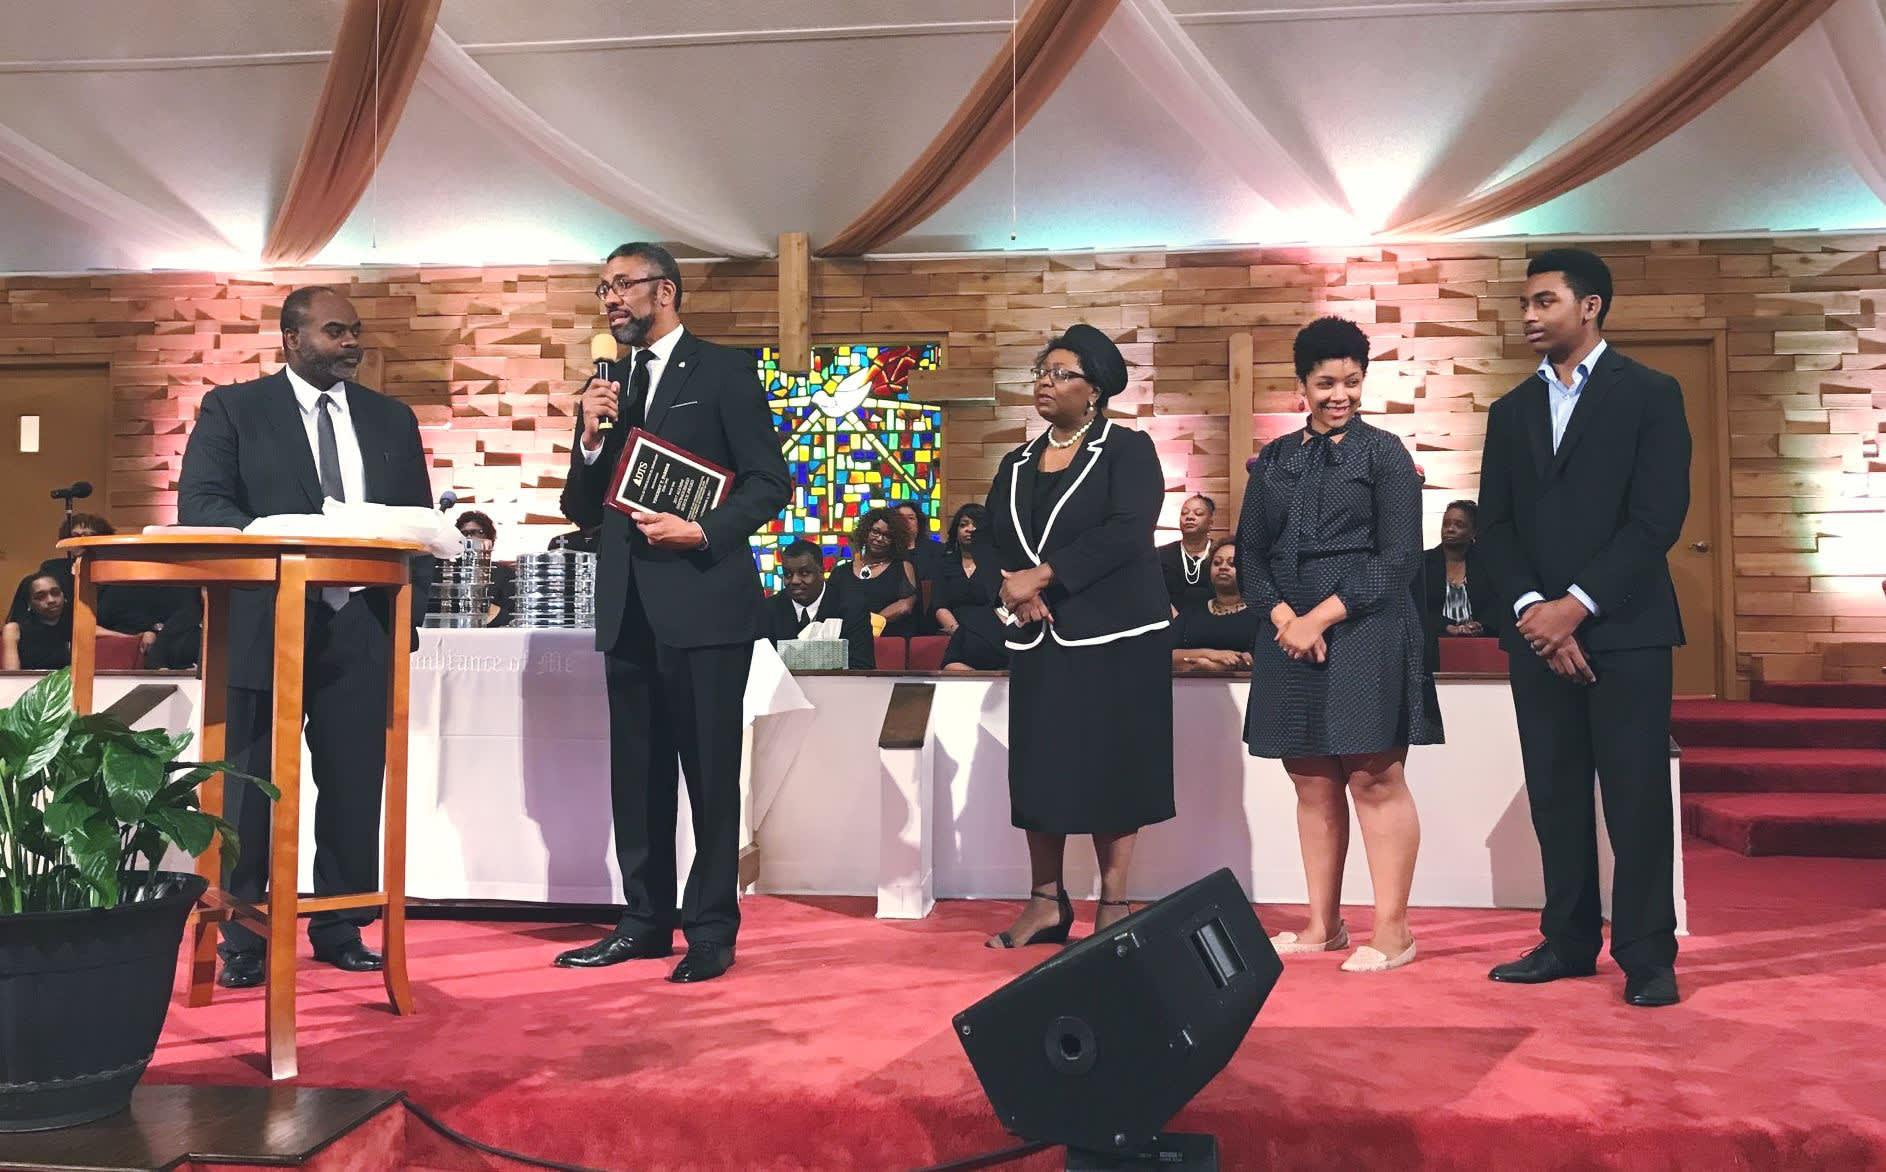 DTS alum Vincent Parker receiving DTS Distinguished Service Award